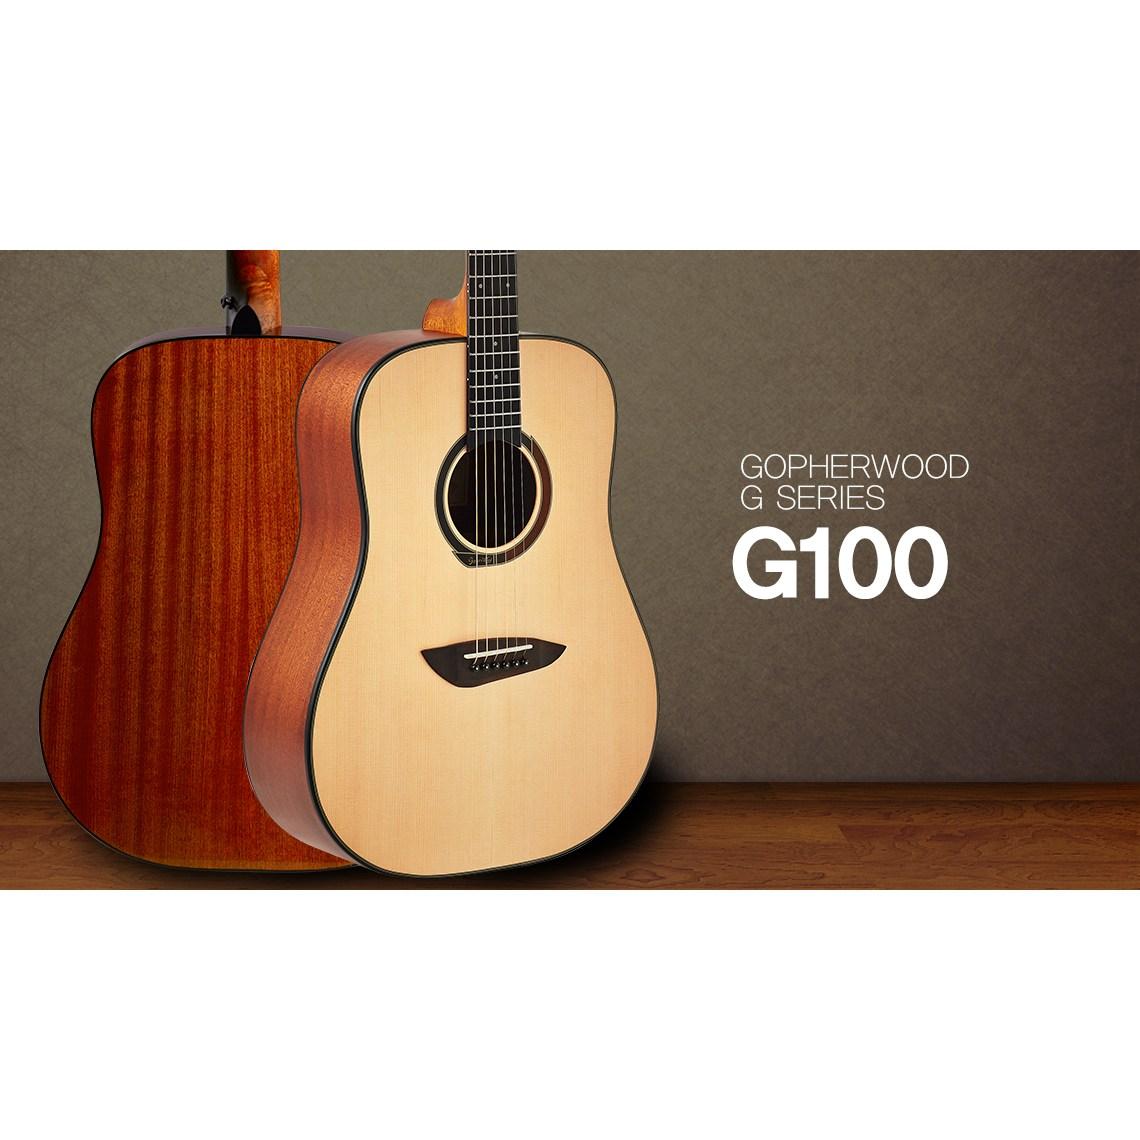 고퍼우드 G100 통기타 입문용 가성비 기타 Gopherwood, 무광 NS